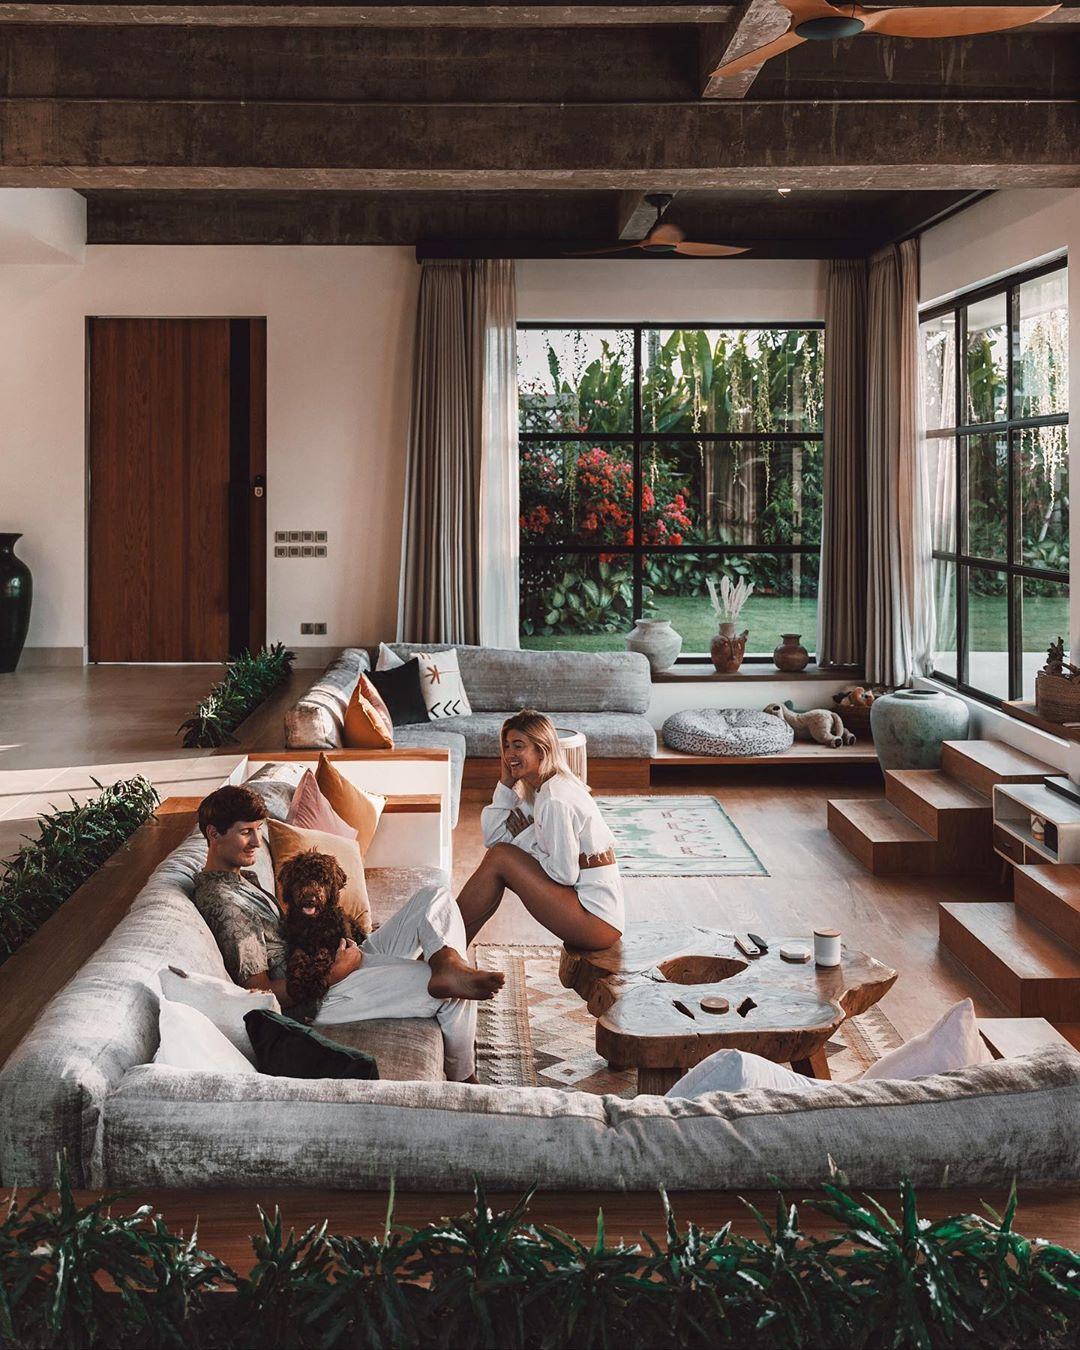 Εικόνα από το εντυπωσιακό σαλόνι του σπιτιού του Τζακ και της Λόρεν